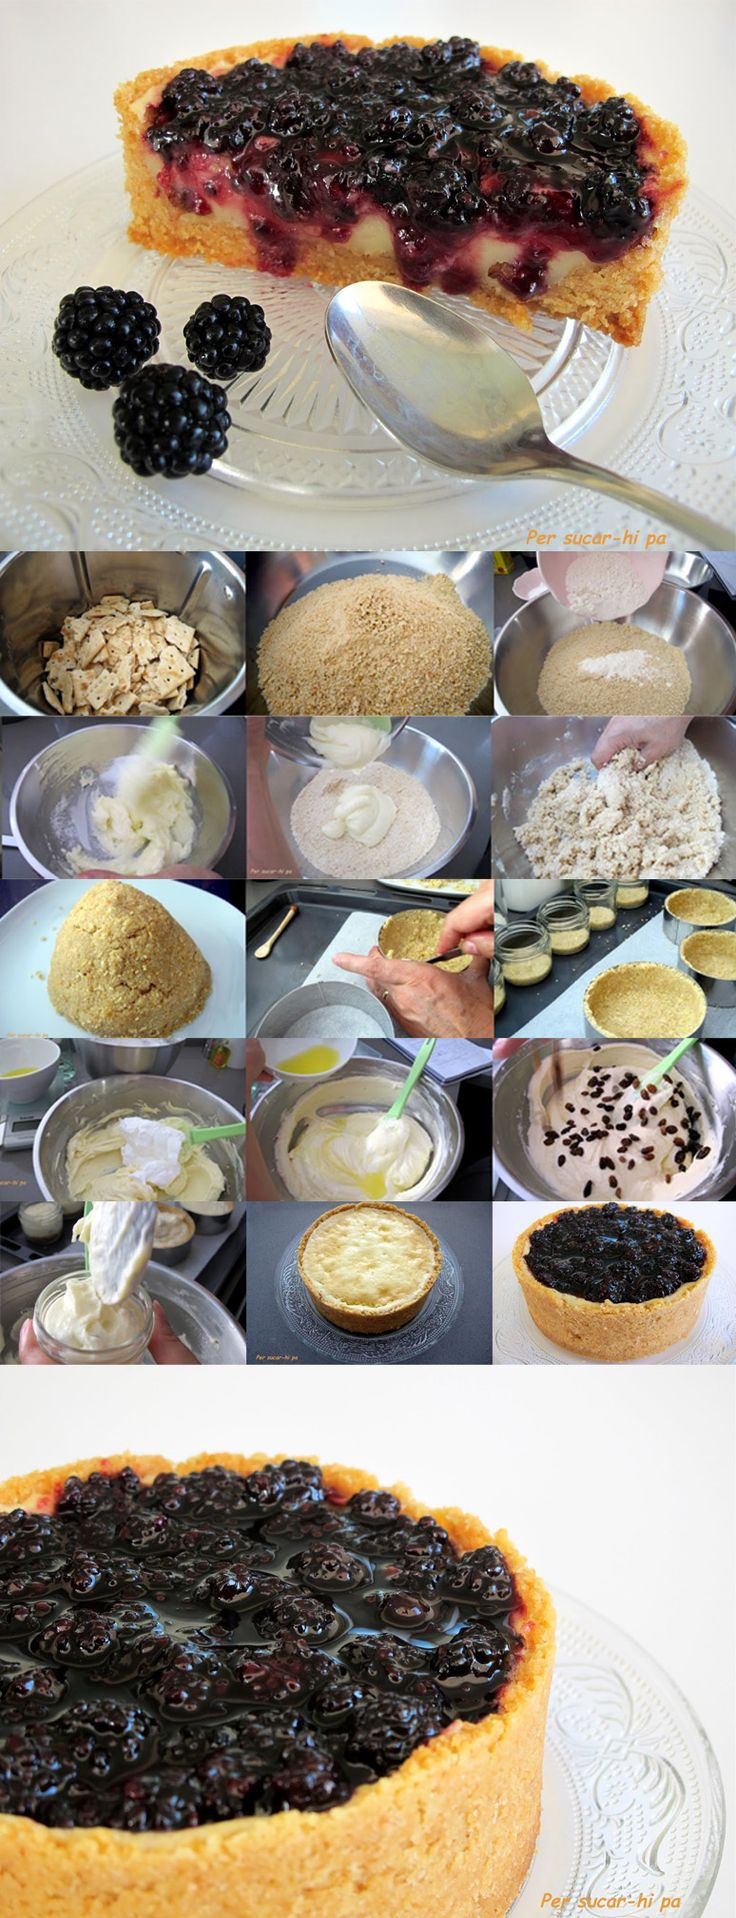 Pecados de Reposteria Tarta de queso con mermelada de moras - Pecados de Reposteria